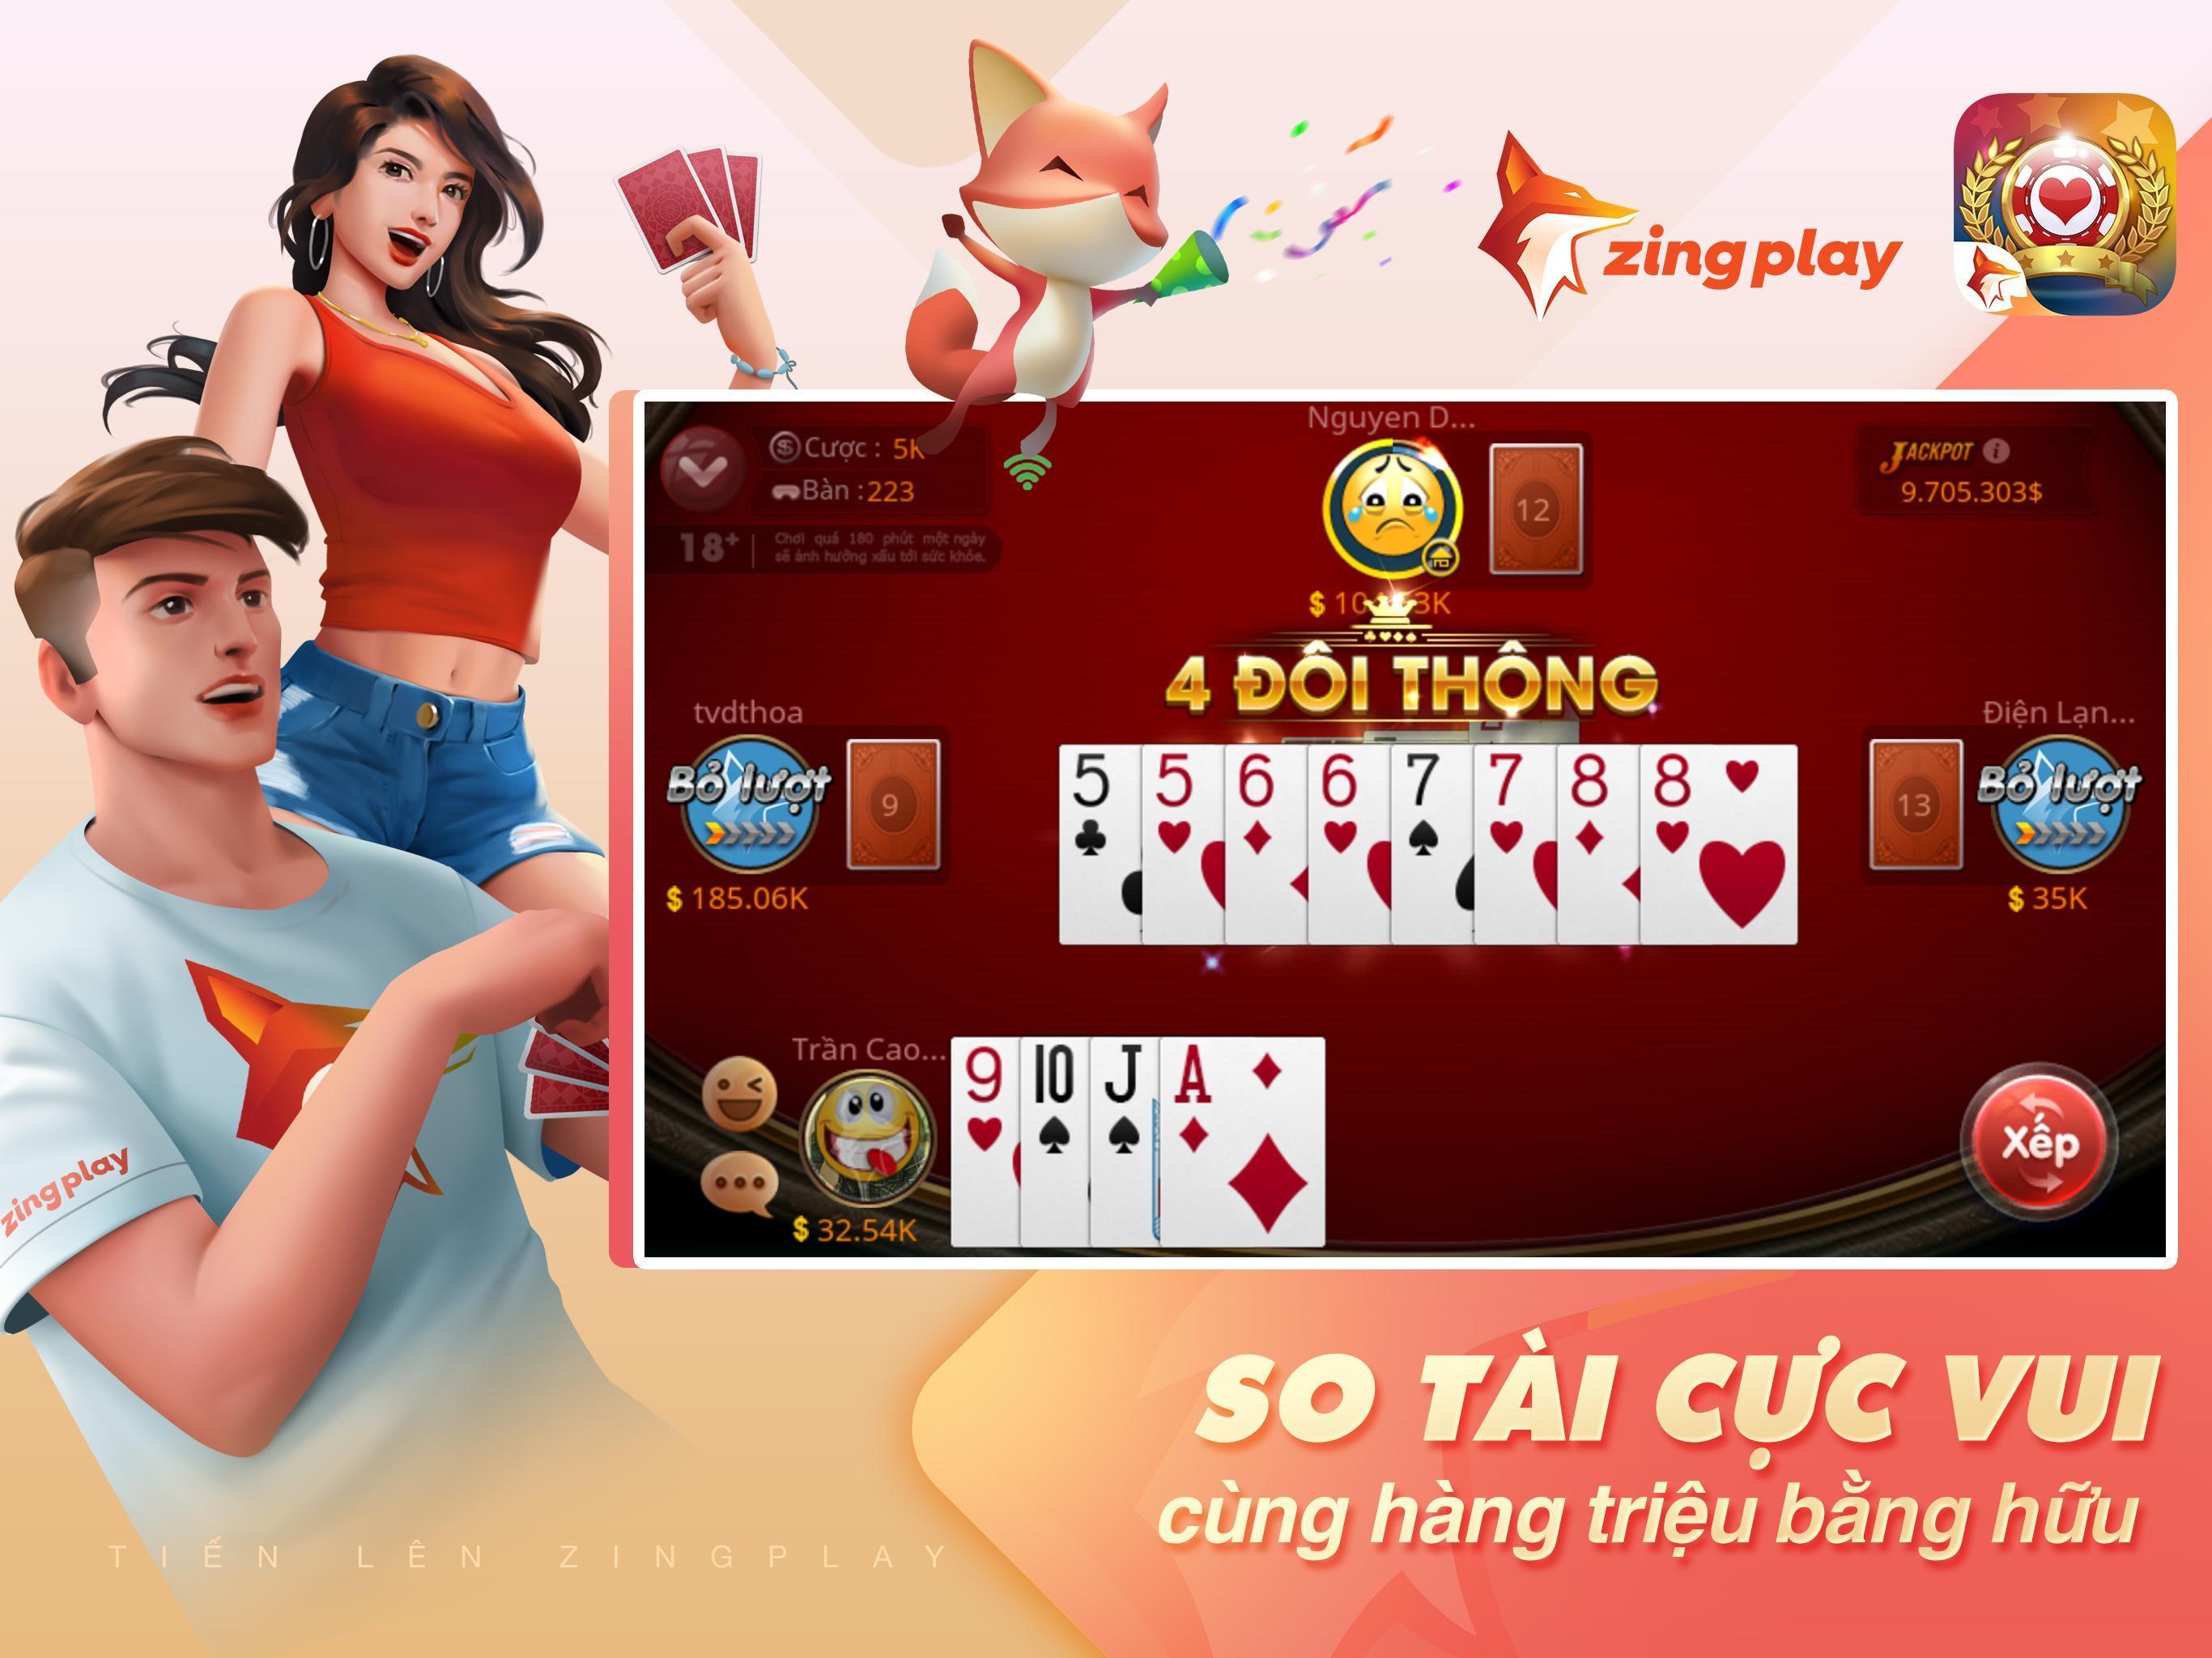 Tiến lên Miền Nam- Tiến Lên - tien len - ZingPlay 4.9 Screenshot 7